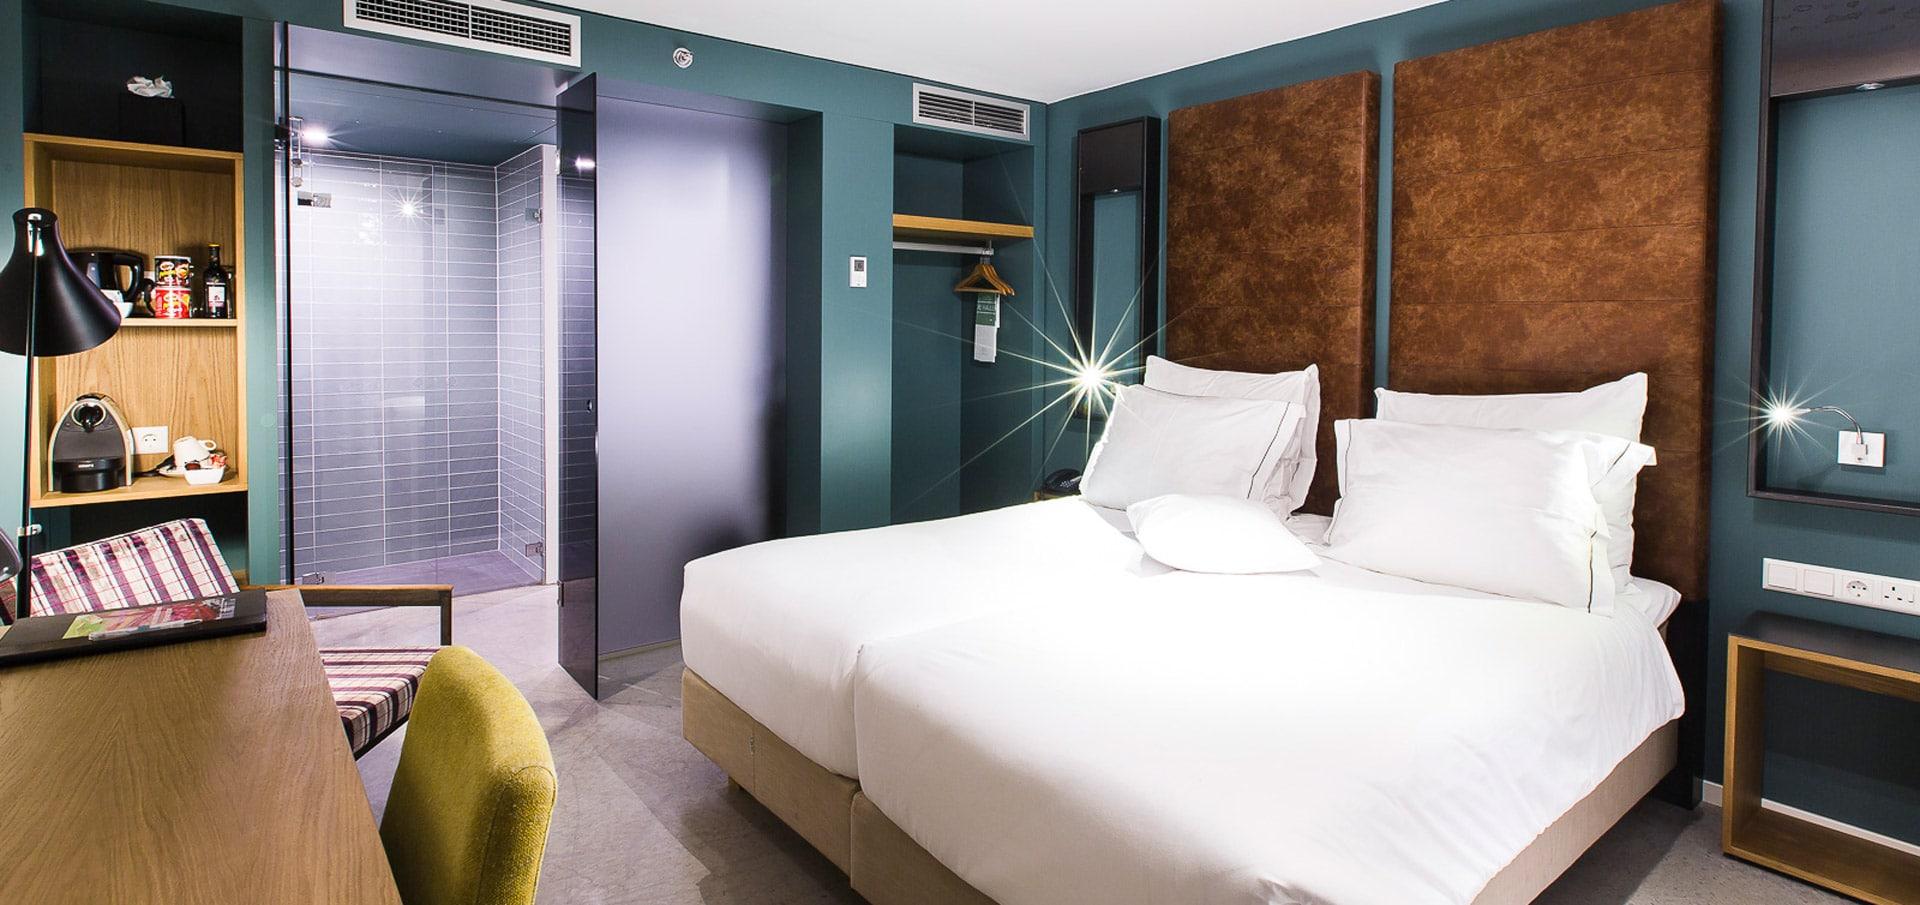 Arrangement Vondel Hotel Amsterdam